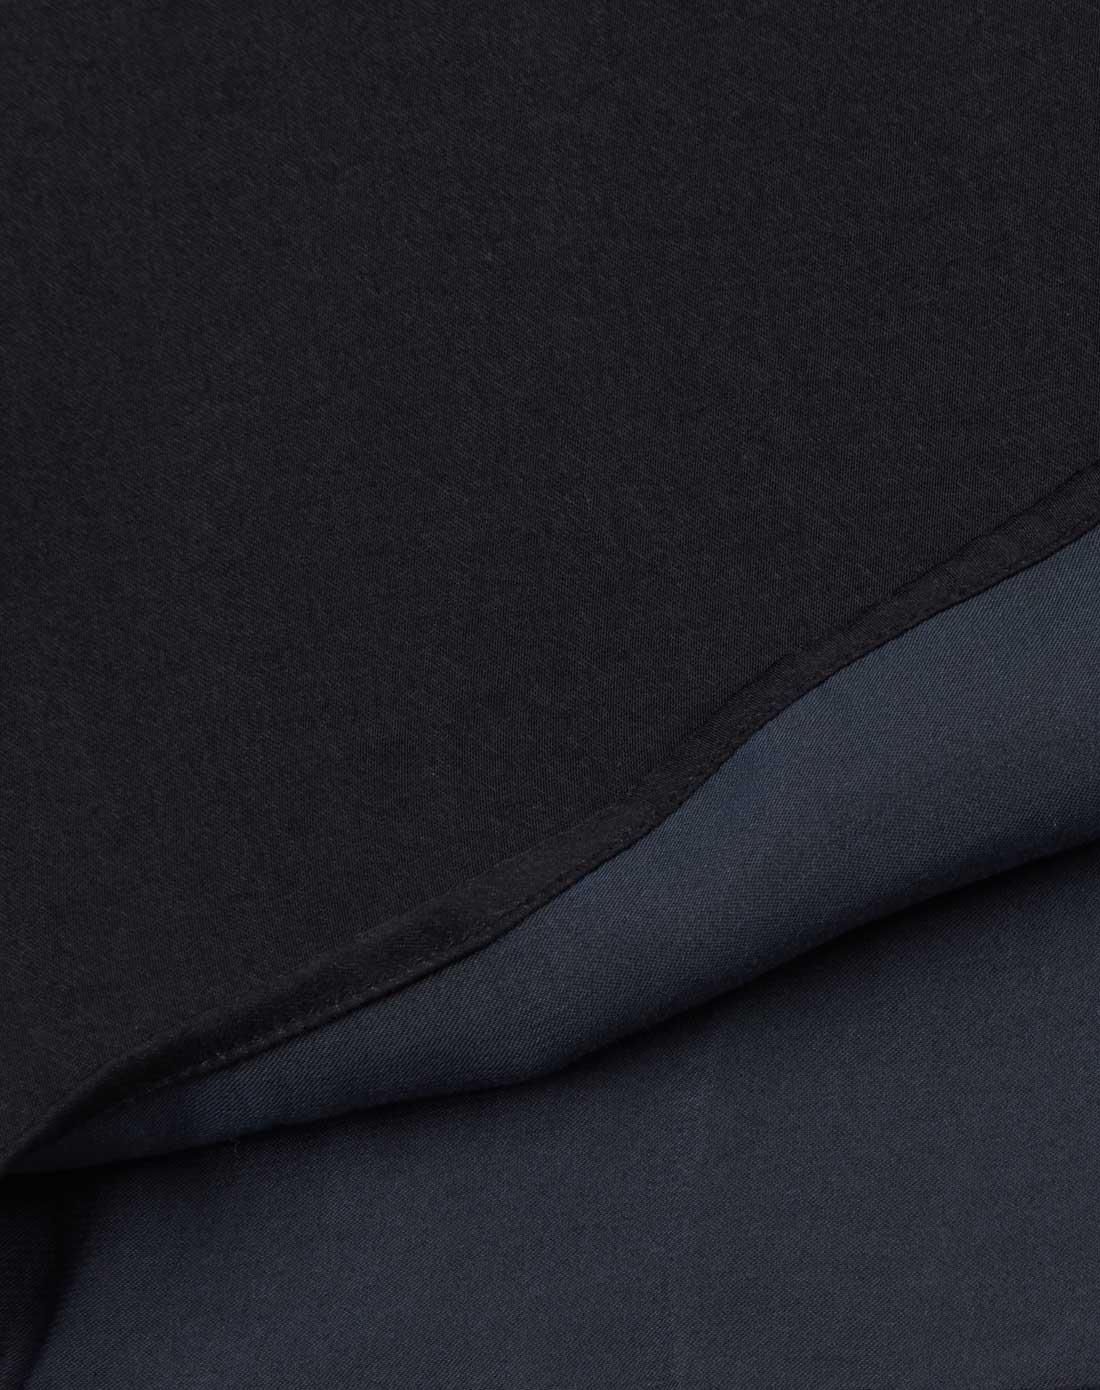 2015春季新款黑色纯色圆领长袖衬衫